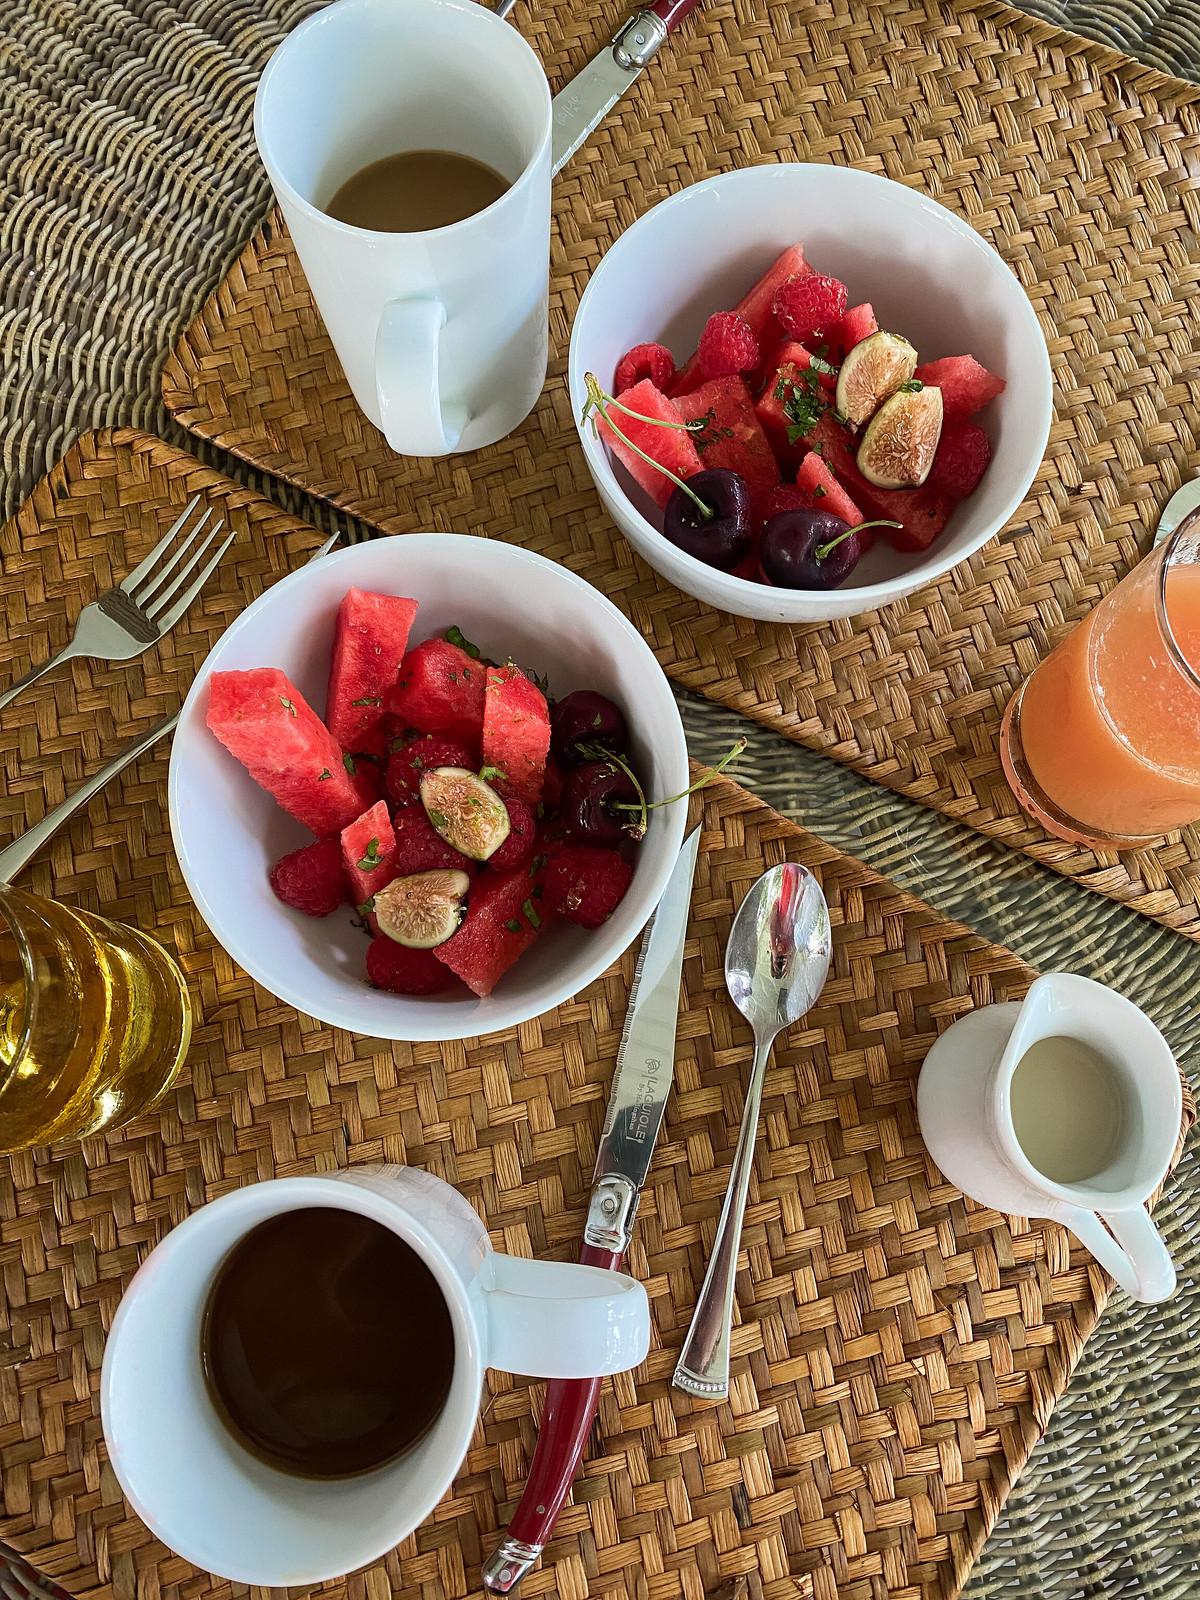 Red Fruit Bowl Breakfast   The Harvest Inn Bed & Breakfast